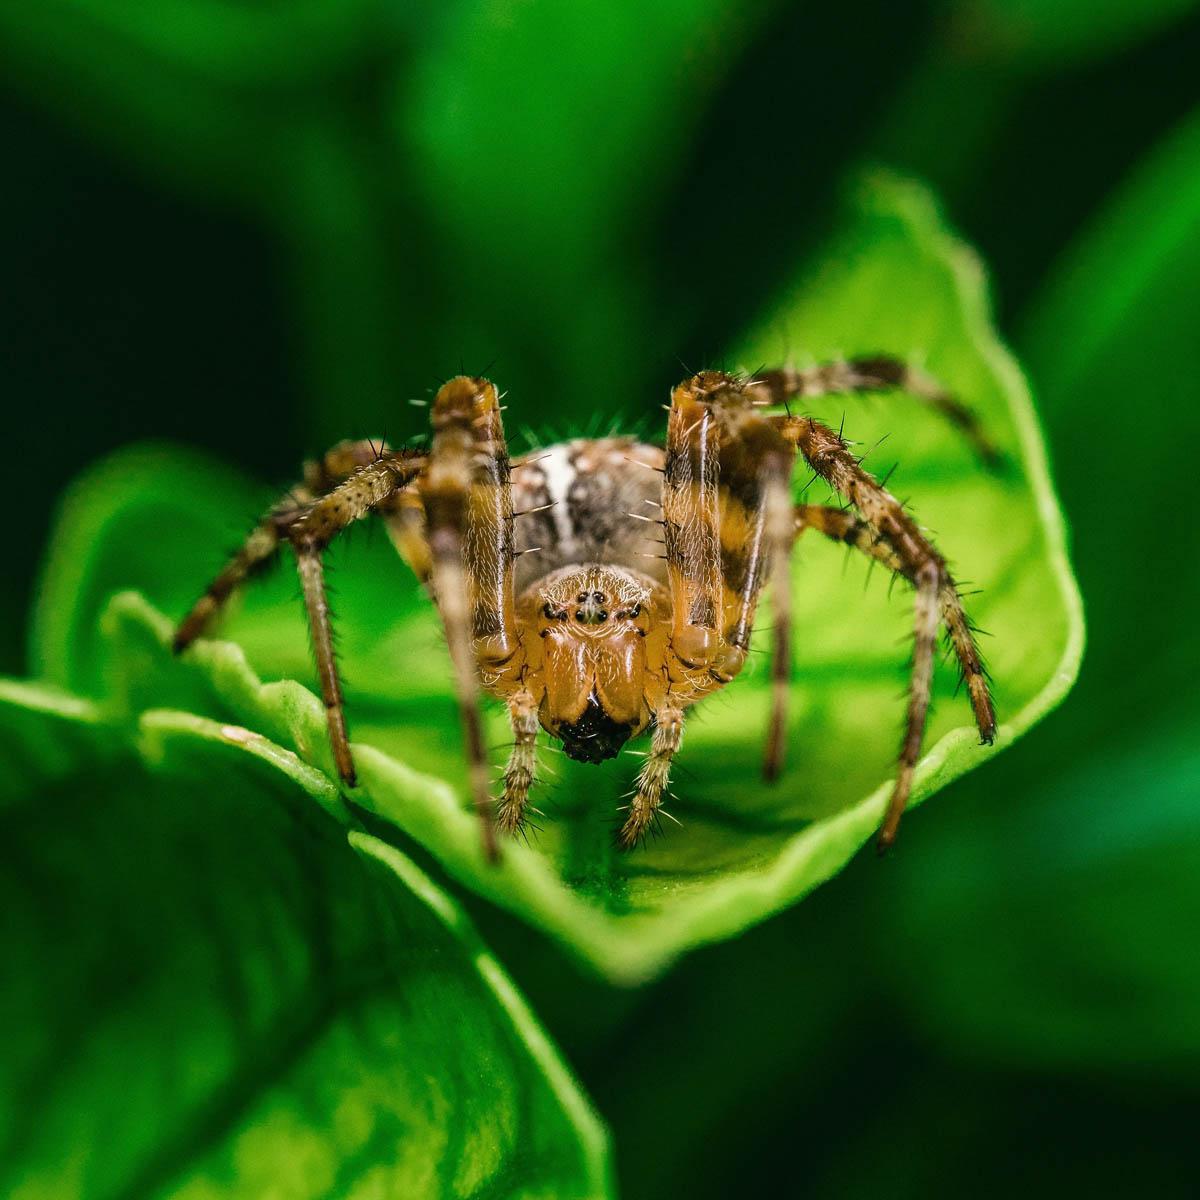 Les premiers tissus en soie d'araignée sont là